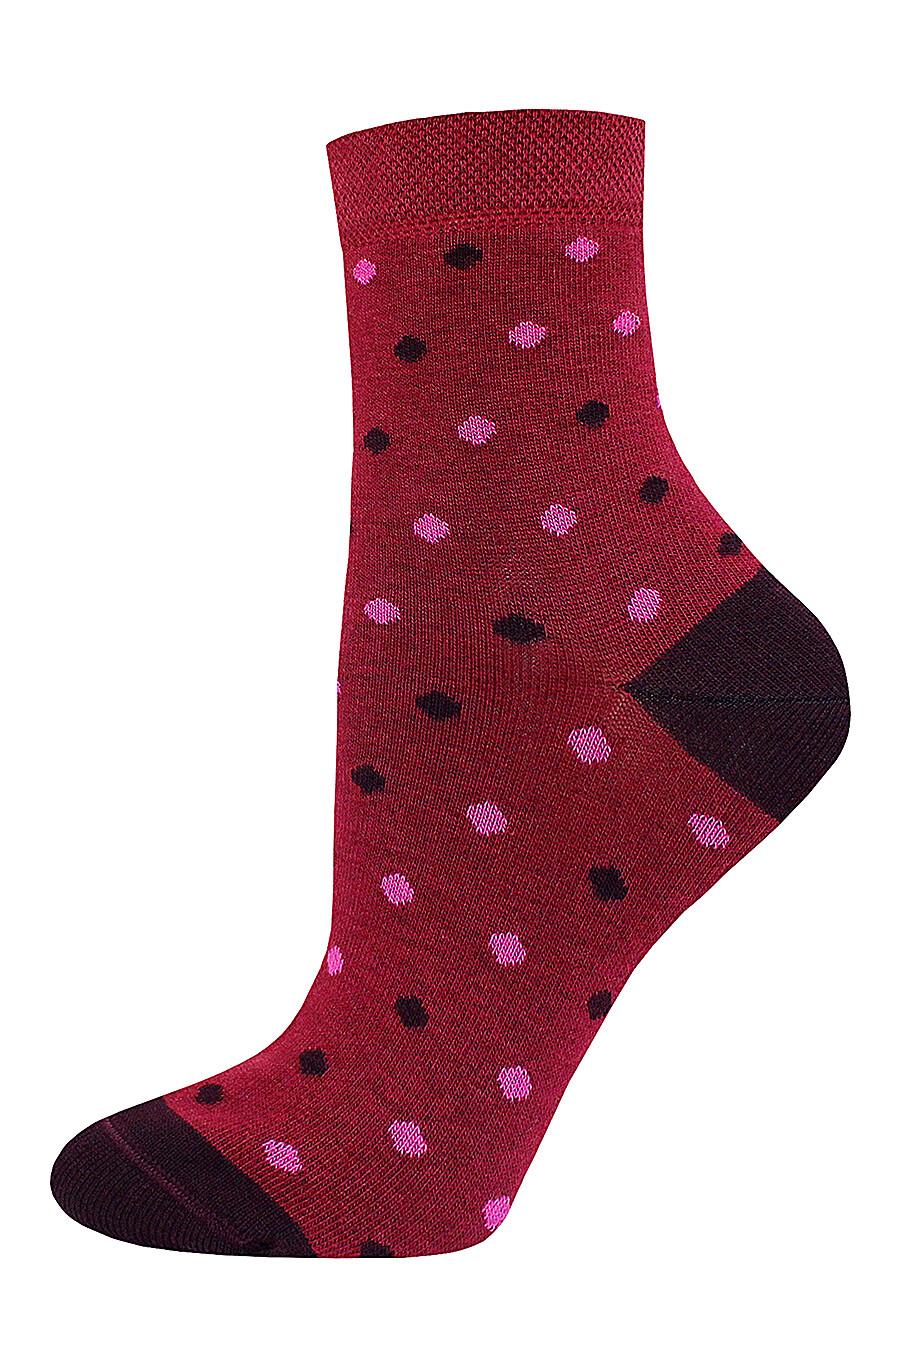 Носки для женщин БРЕСТСКИЕ 226874 купить оптом от производителя. Совместная покупка женской одежды в OptMoyo